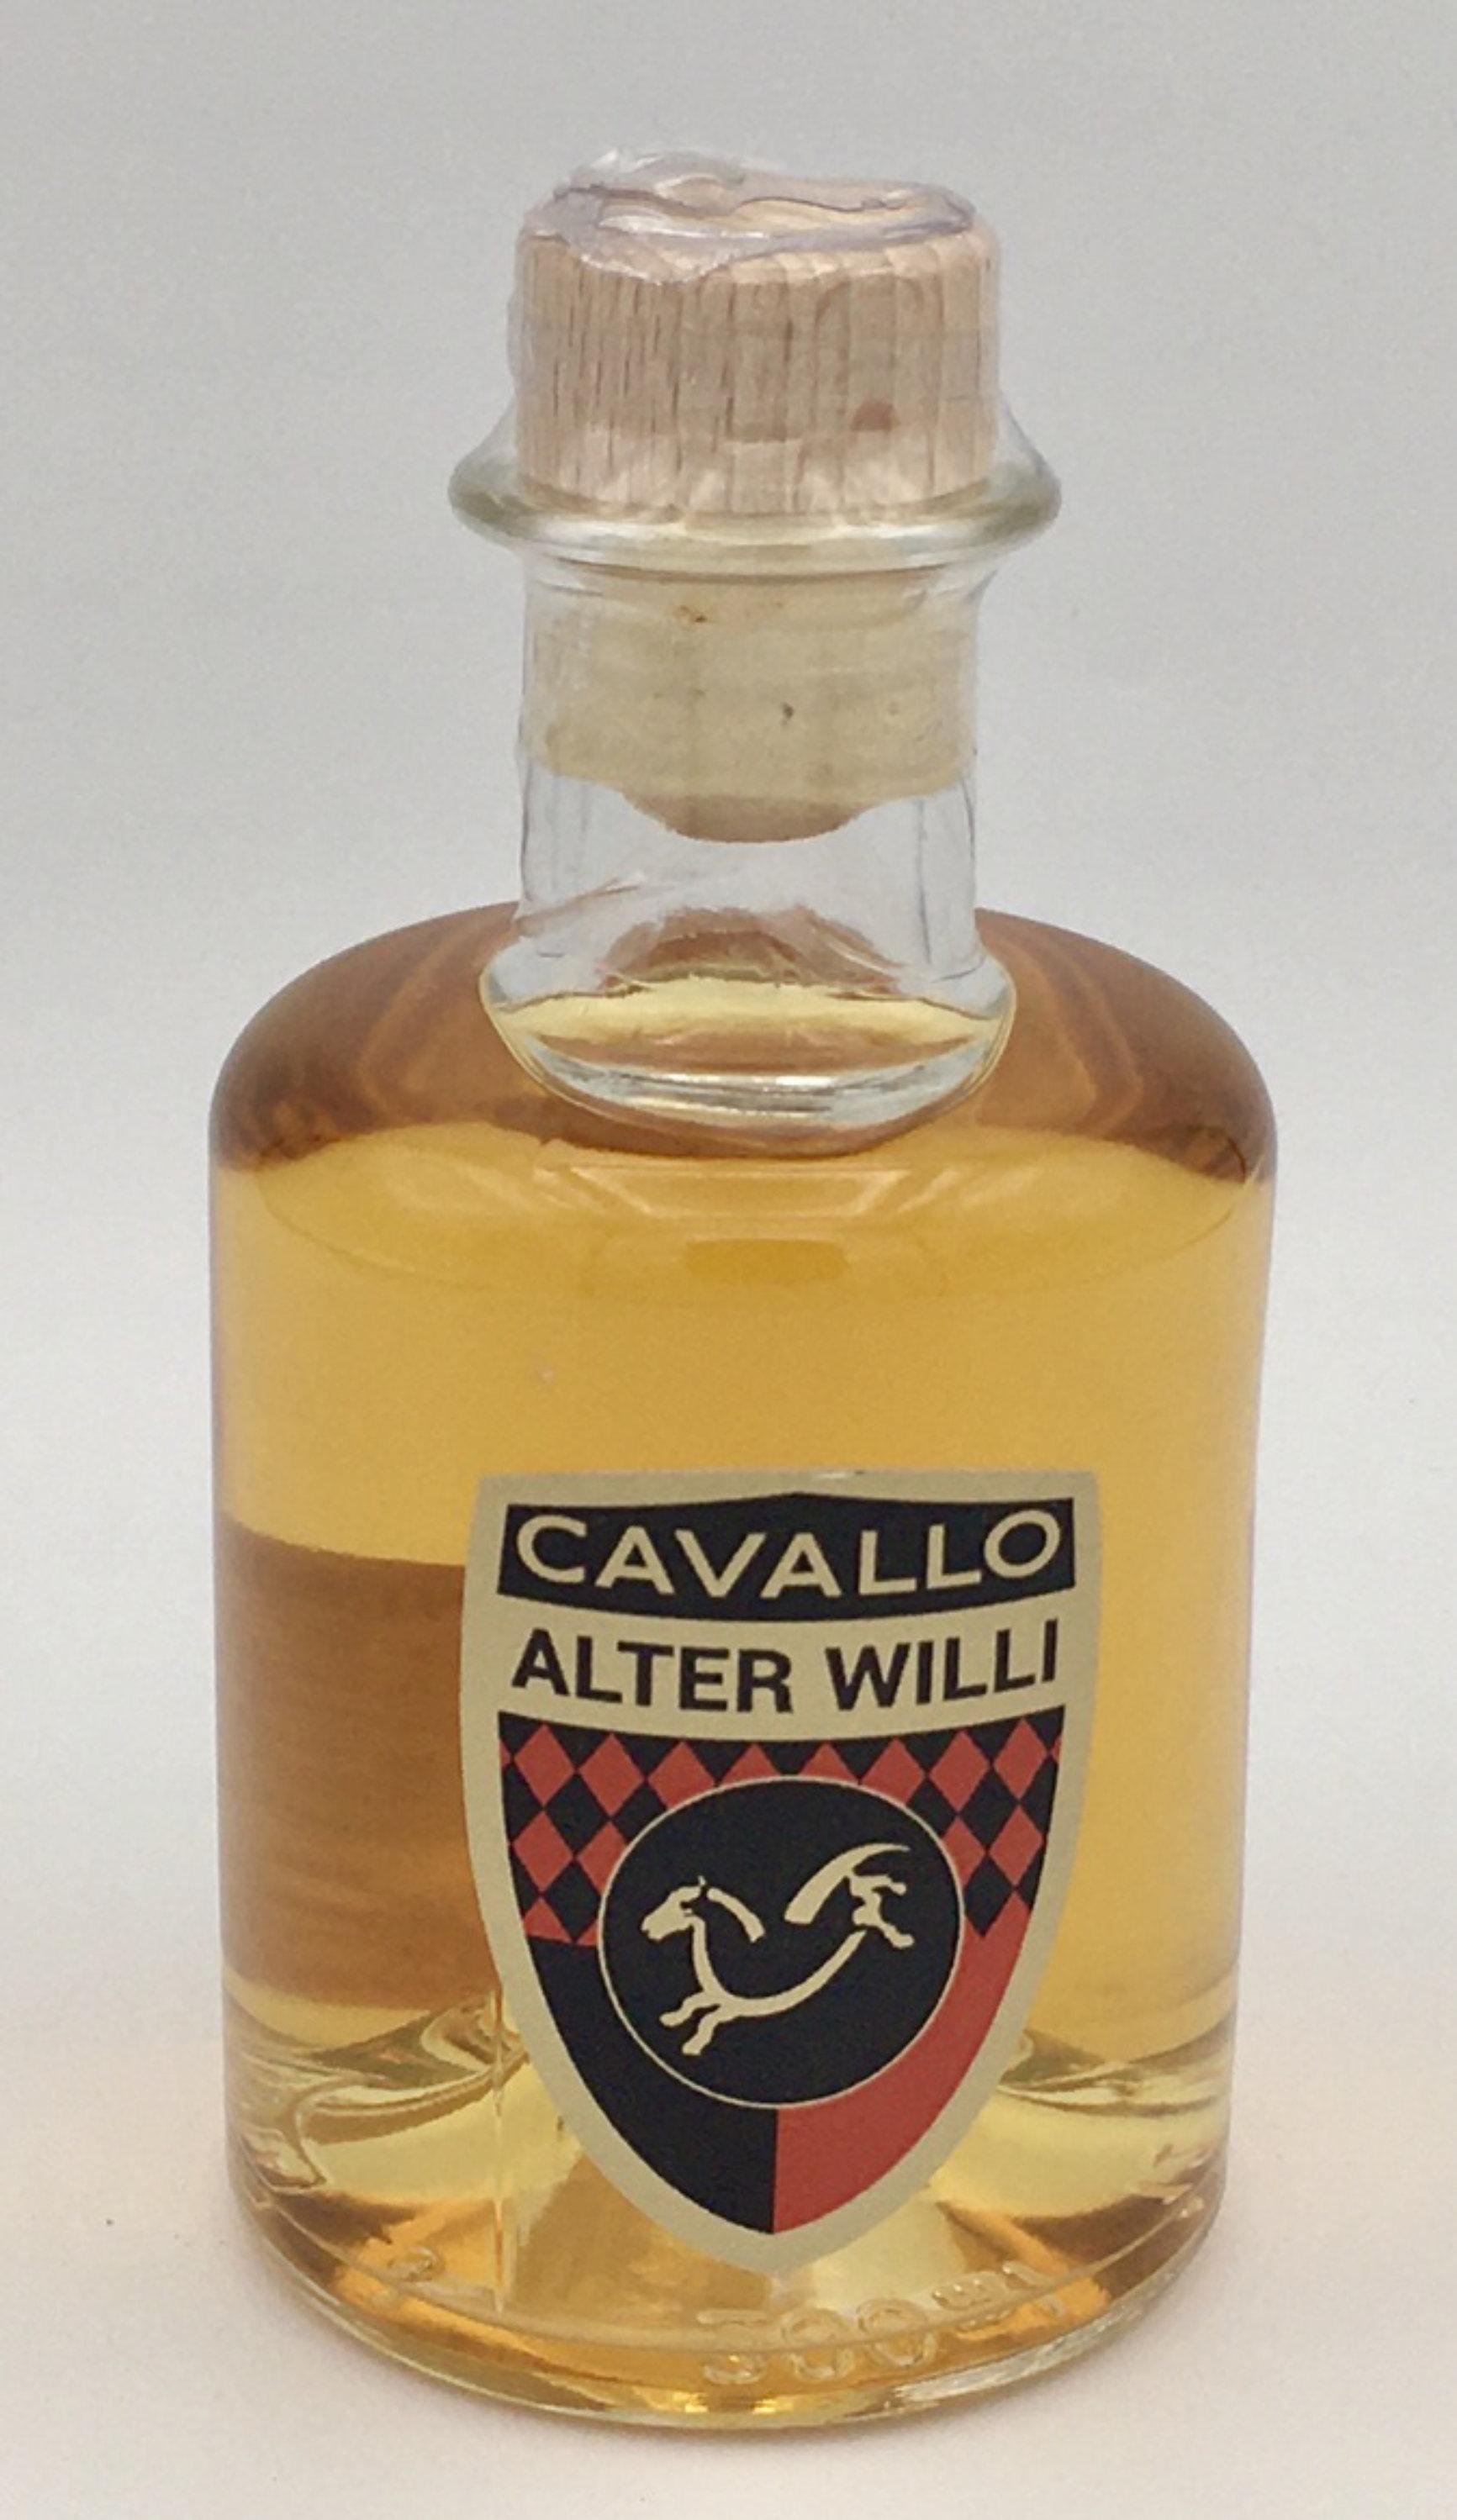 Alter Willi • 0,2l • CAVALLO